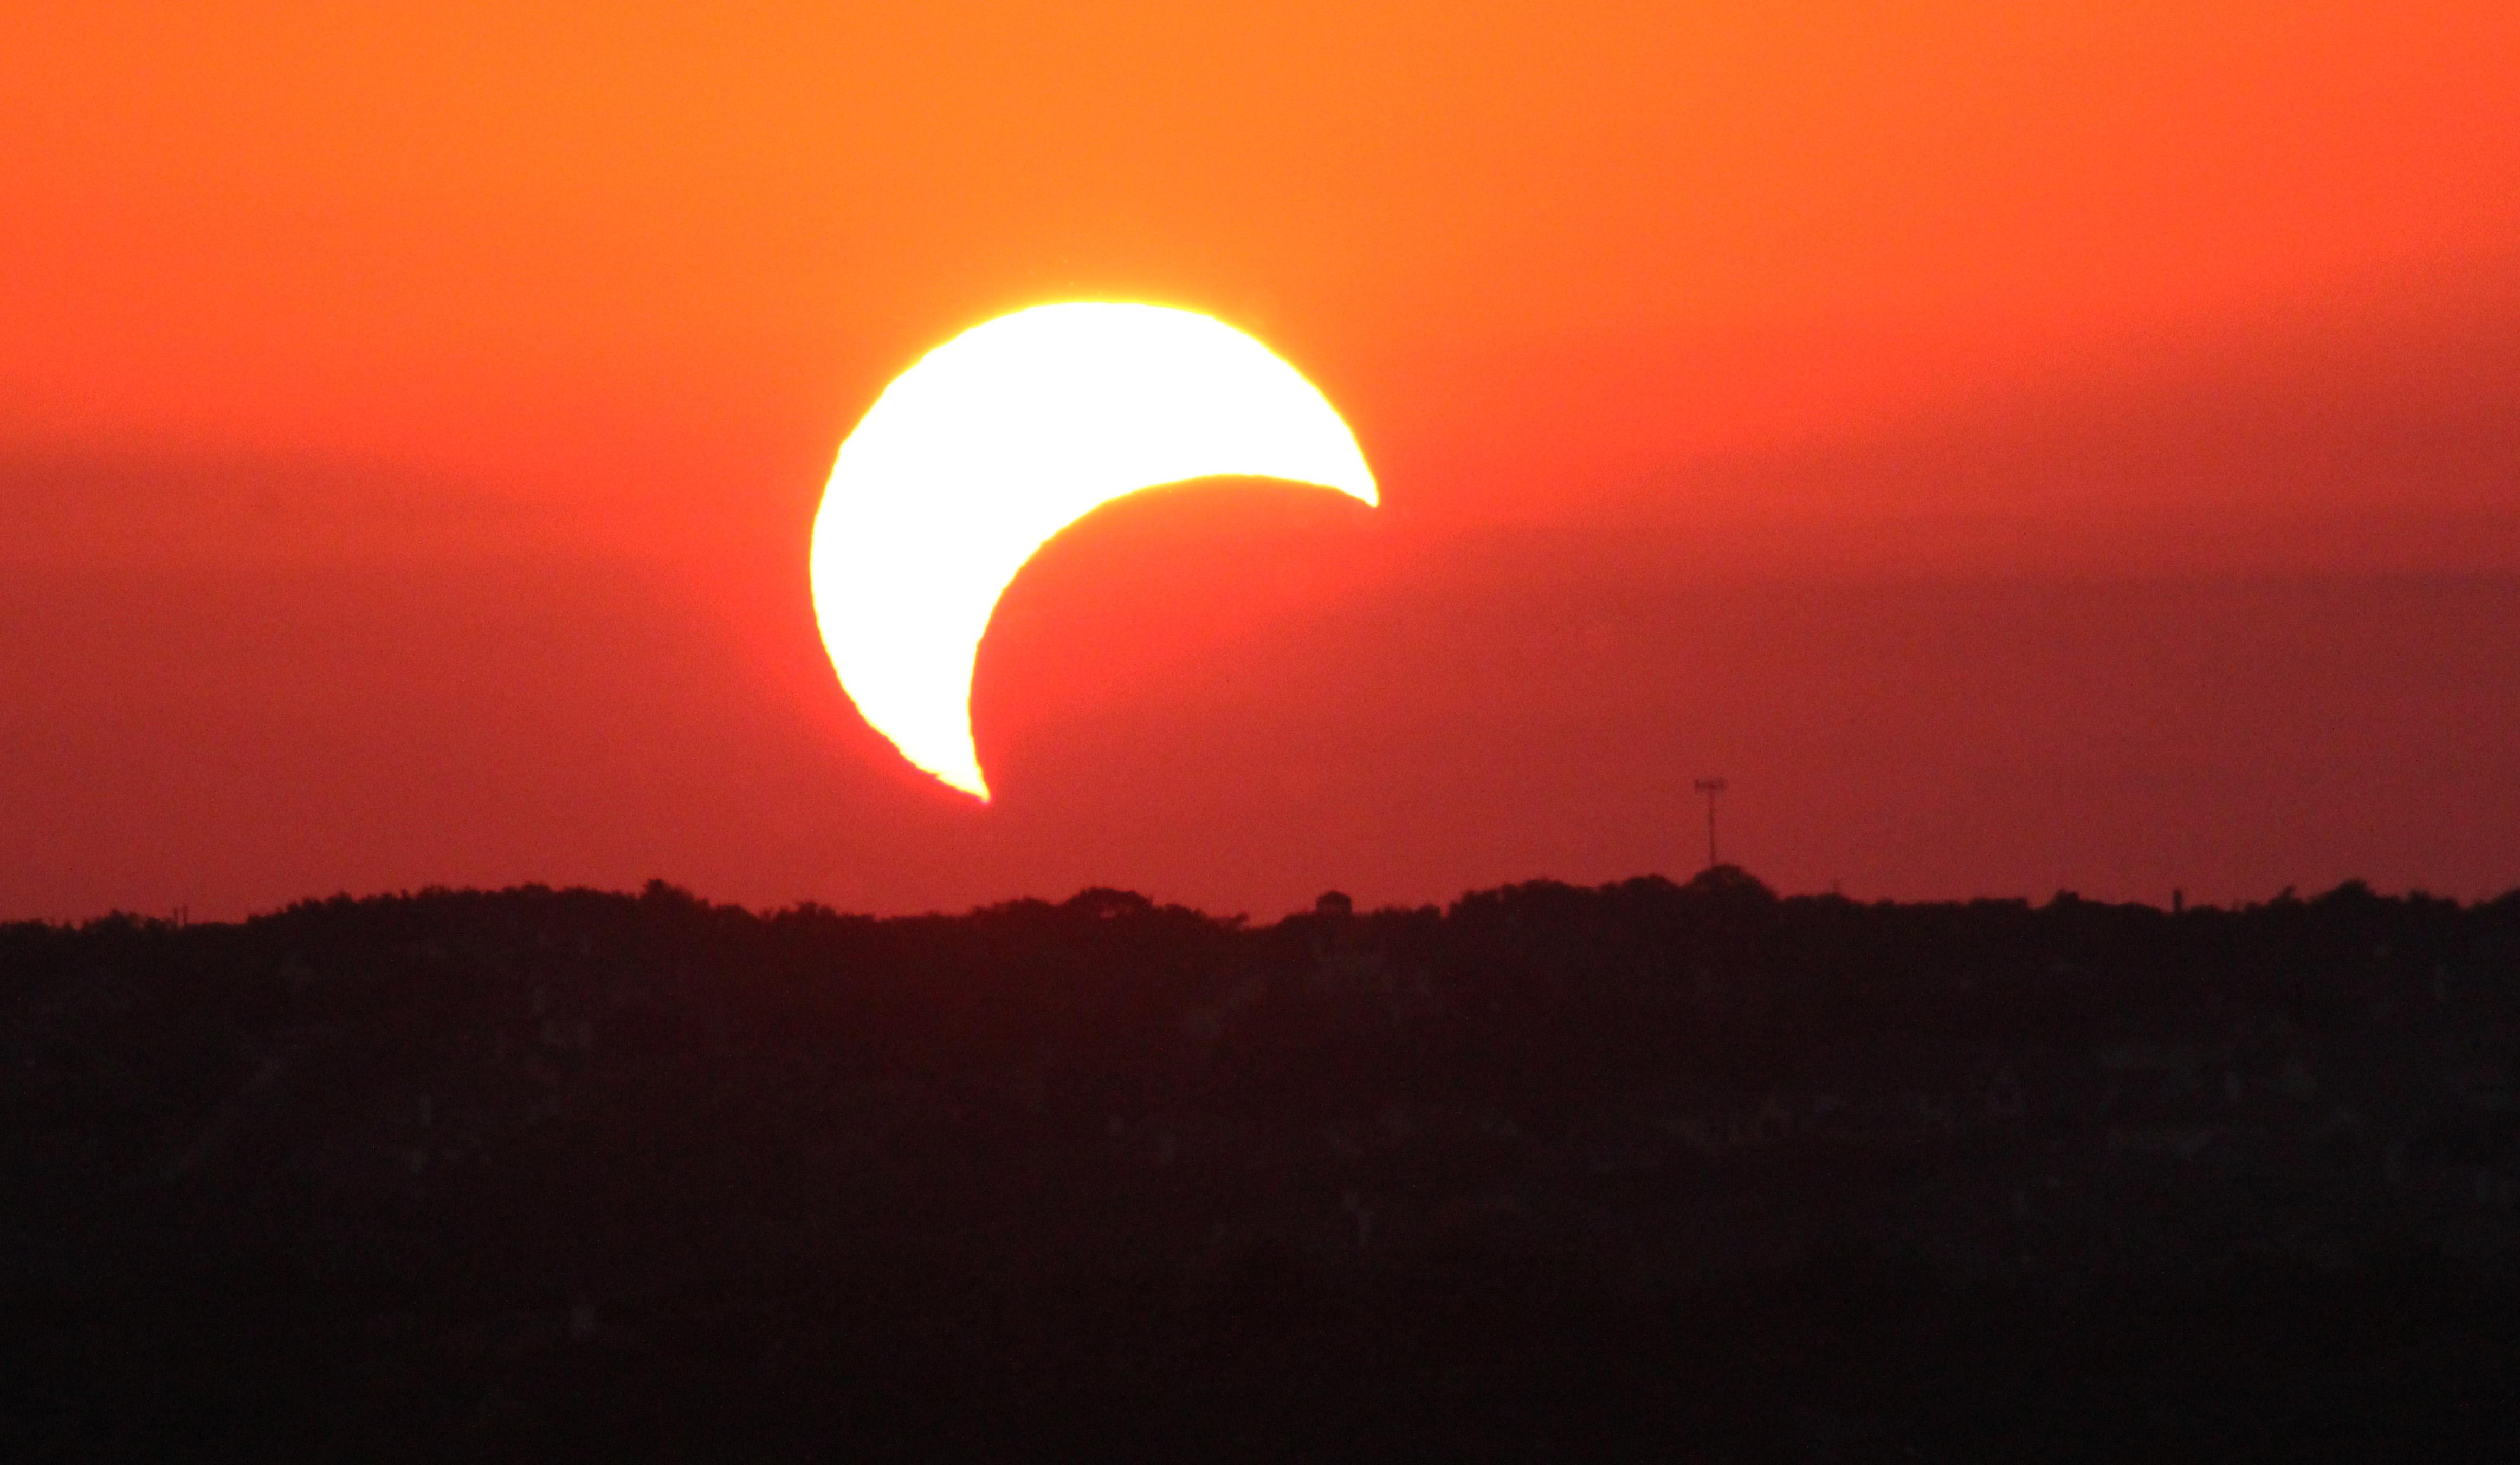 Eclipse 2011 Rare!